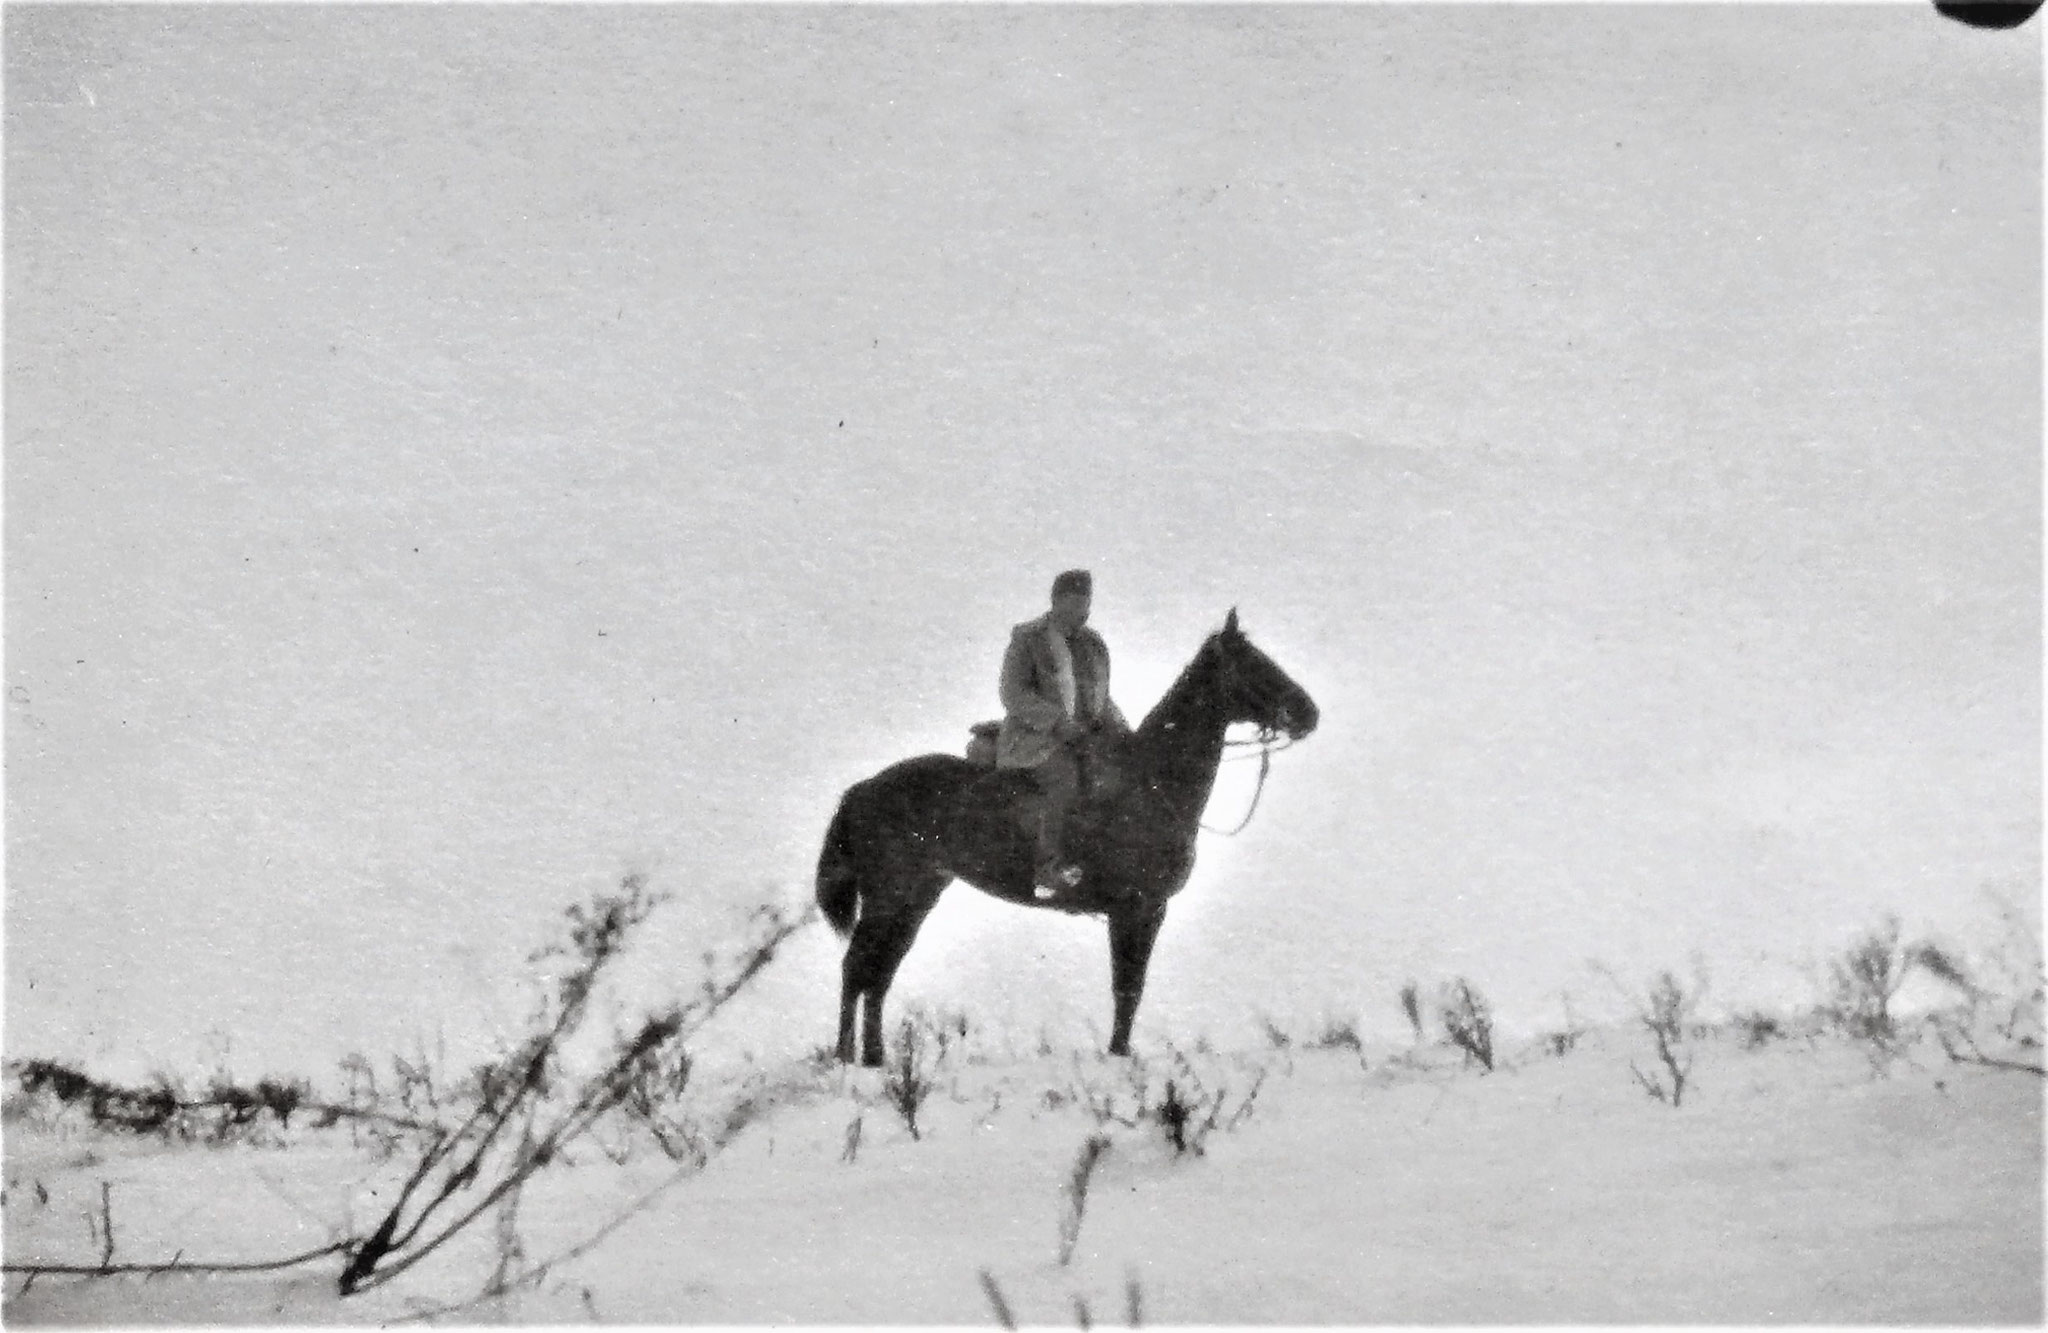 Reiter im Schnee. Lt. i. d. Res. Robert Schreiner.